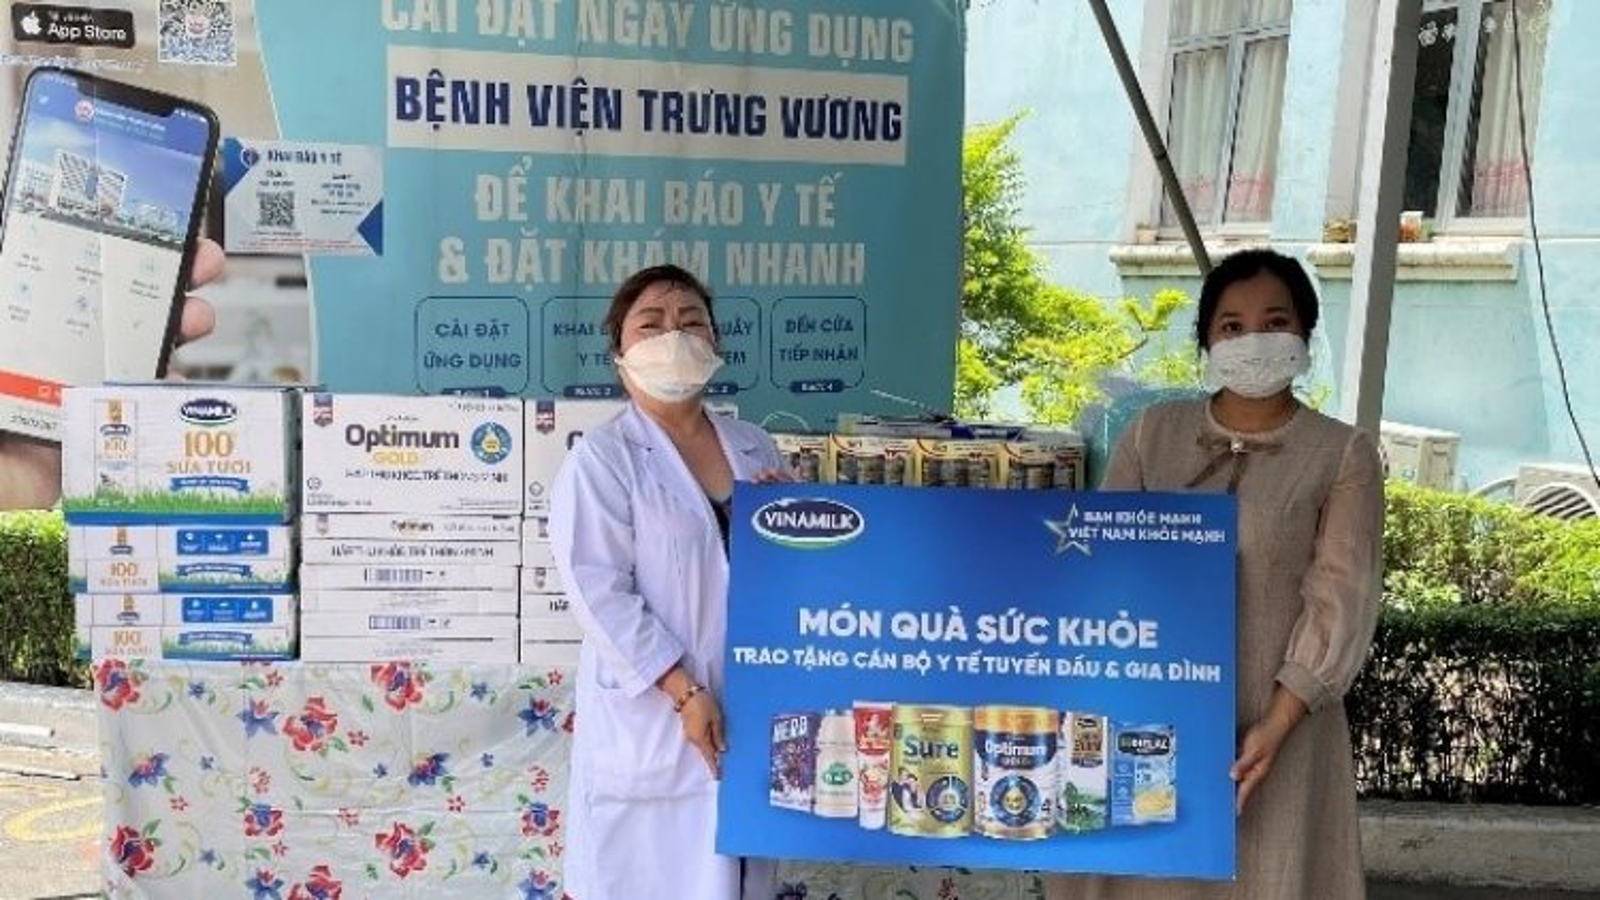 Món quà sức khỏe Vinamilk gửi đến Bệnh viện Trưng Vương TP.HCM